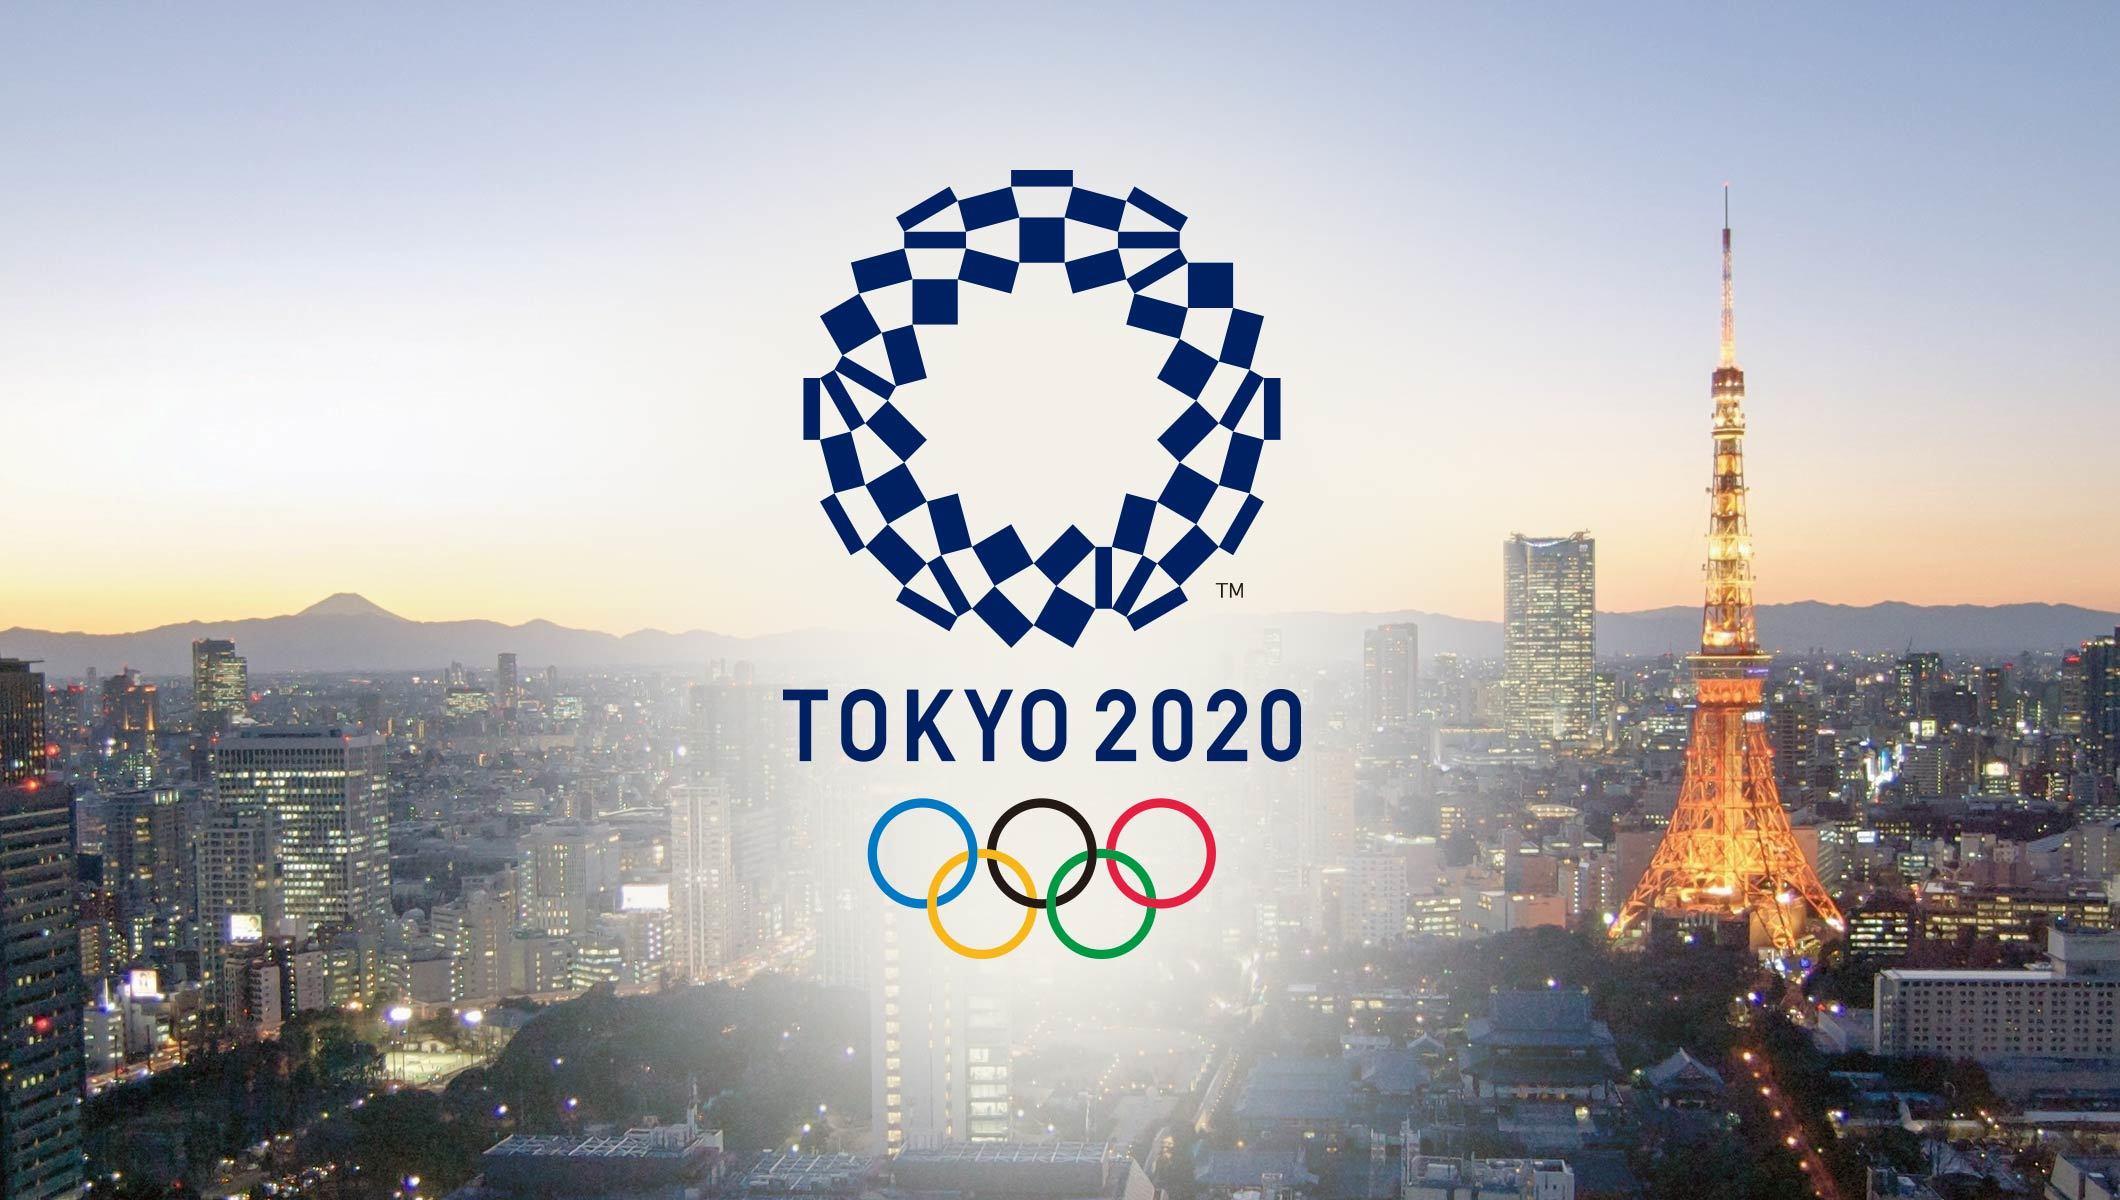 Saiba como adquirir ingressos para a Olimpíada de Tóquio 2020